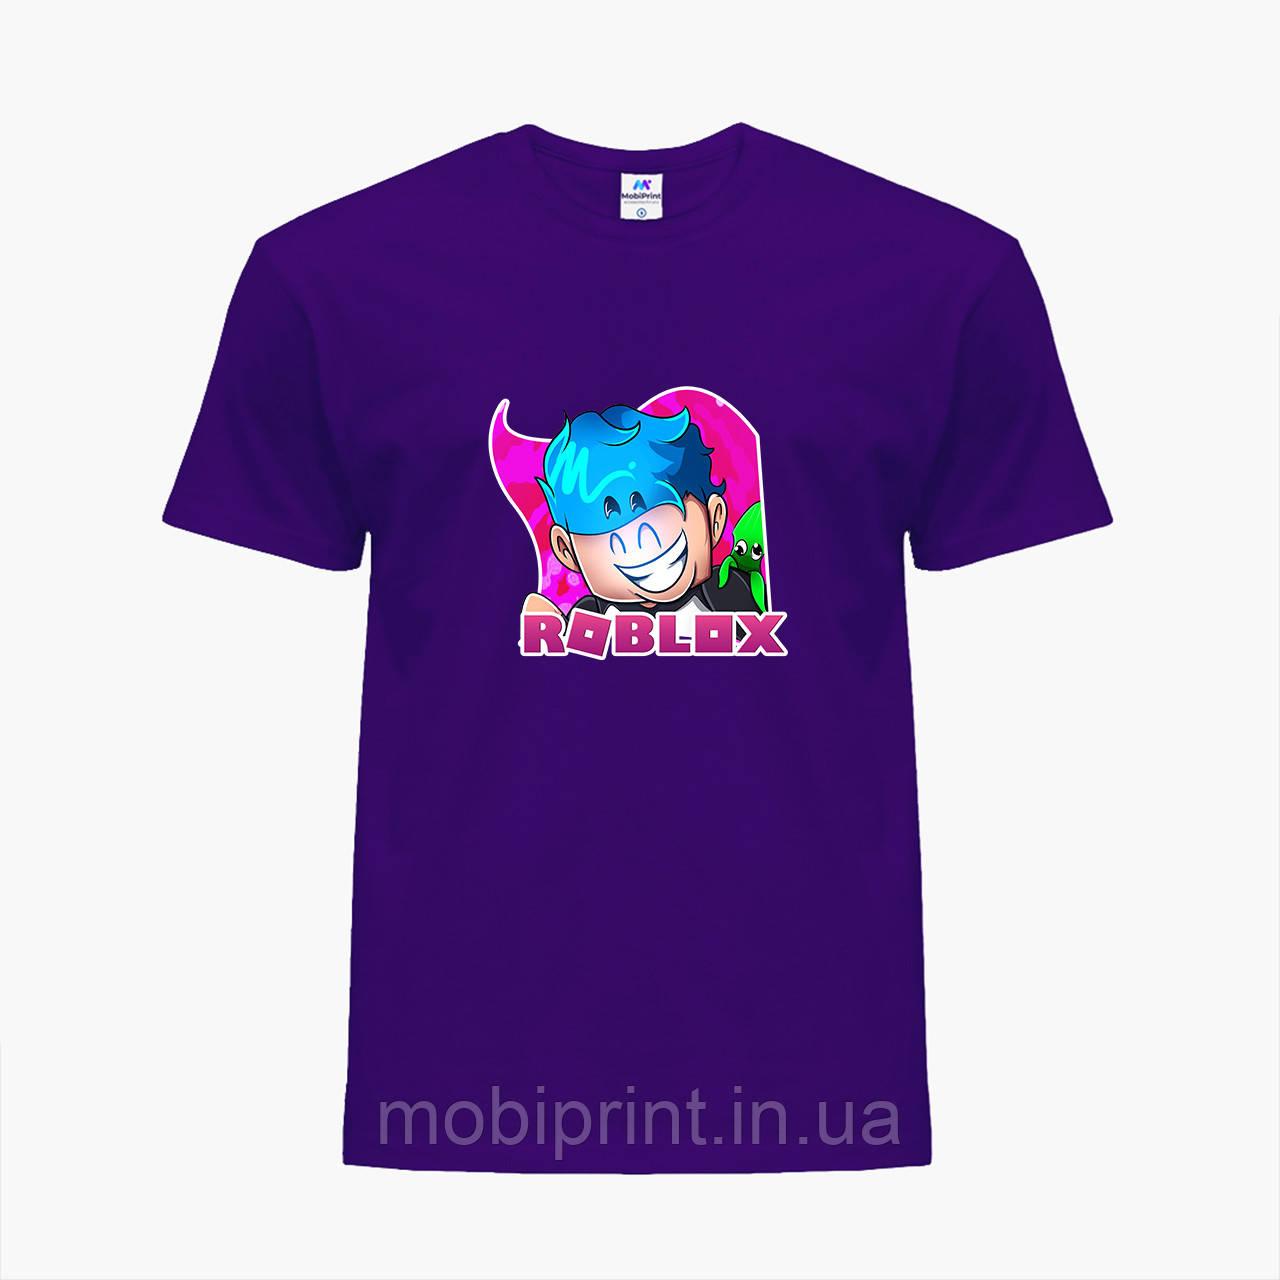 Детская футболка для мальчиков Роблокс (Roblox) (25186-1223) Фиолетовый